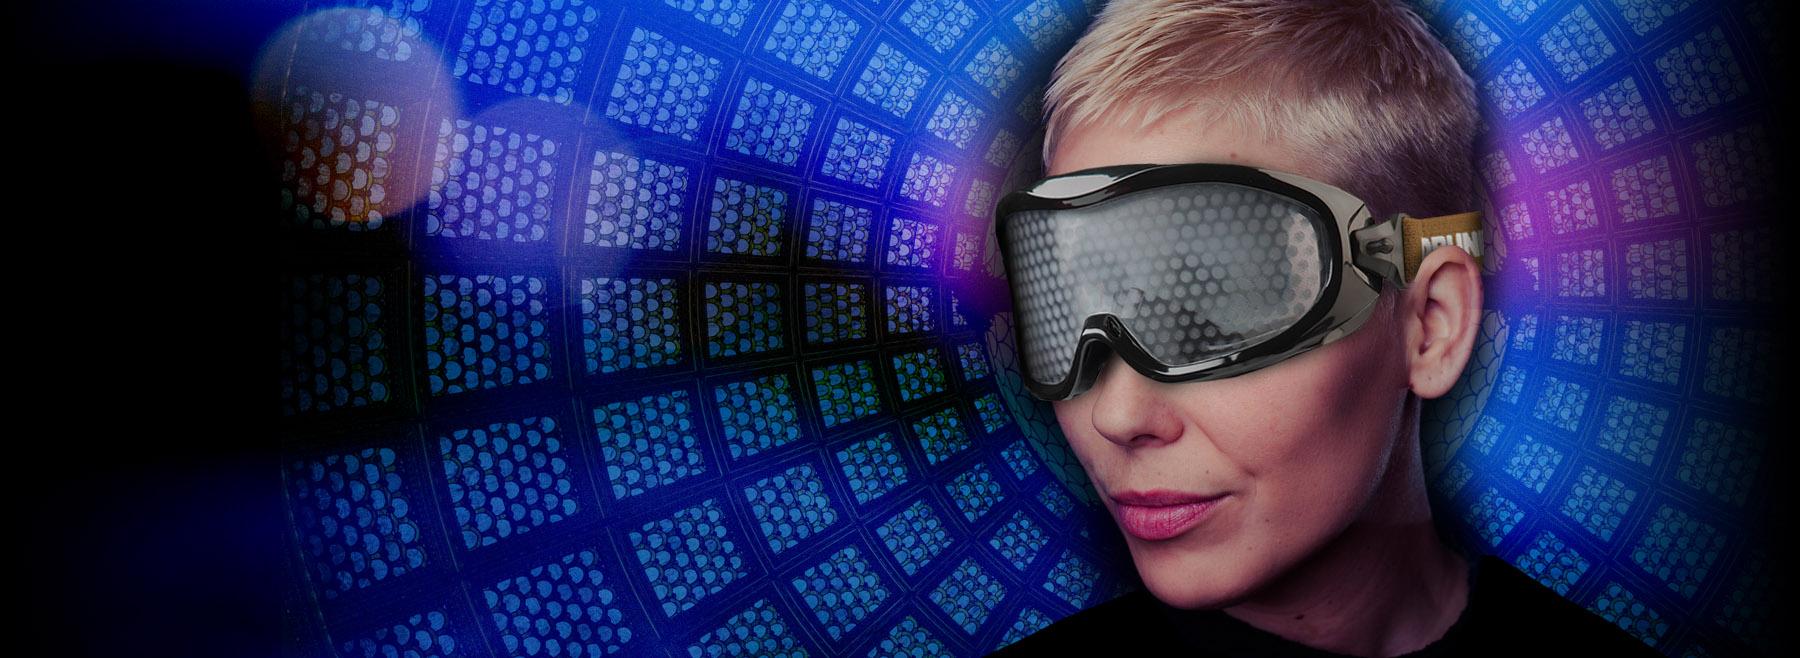 Brýle simulující účinky drog a alkoholu